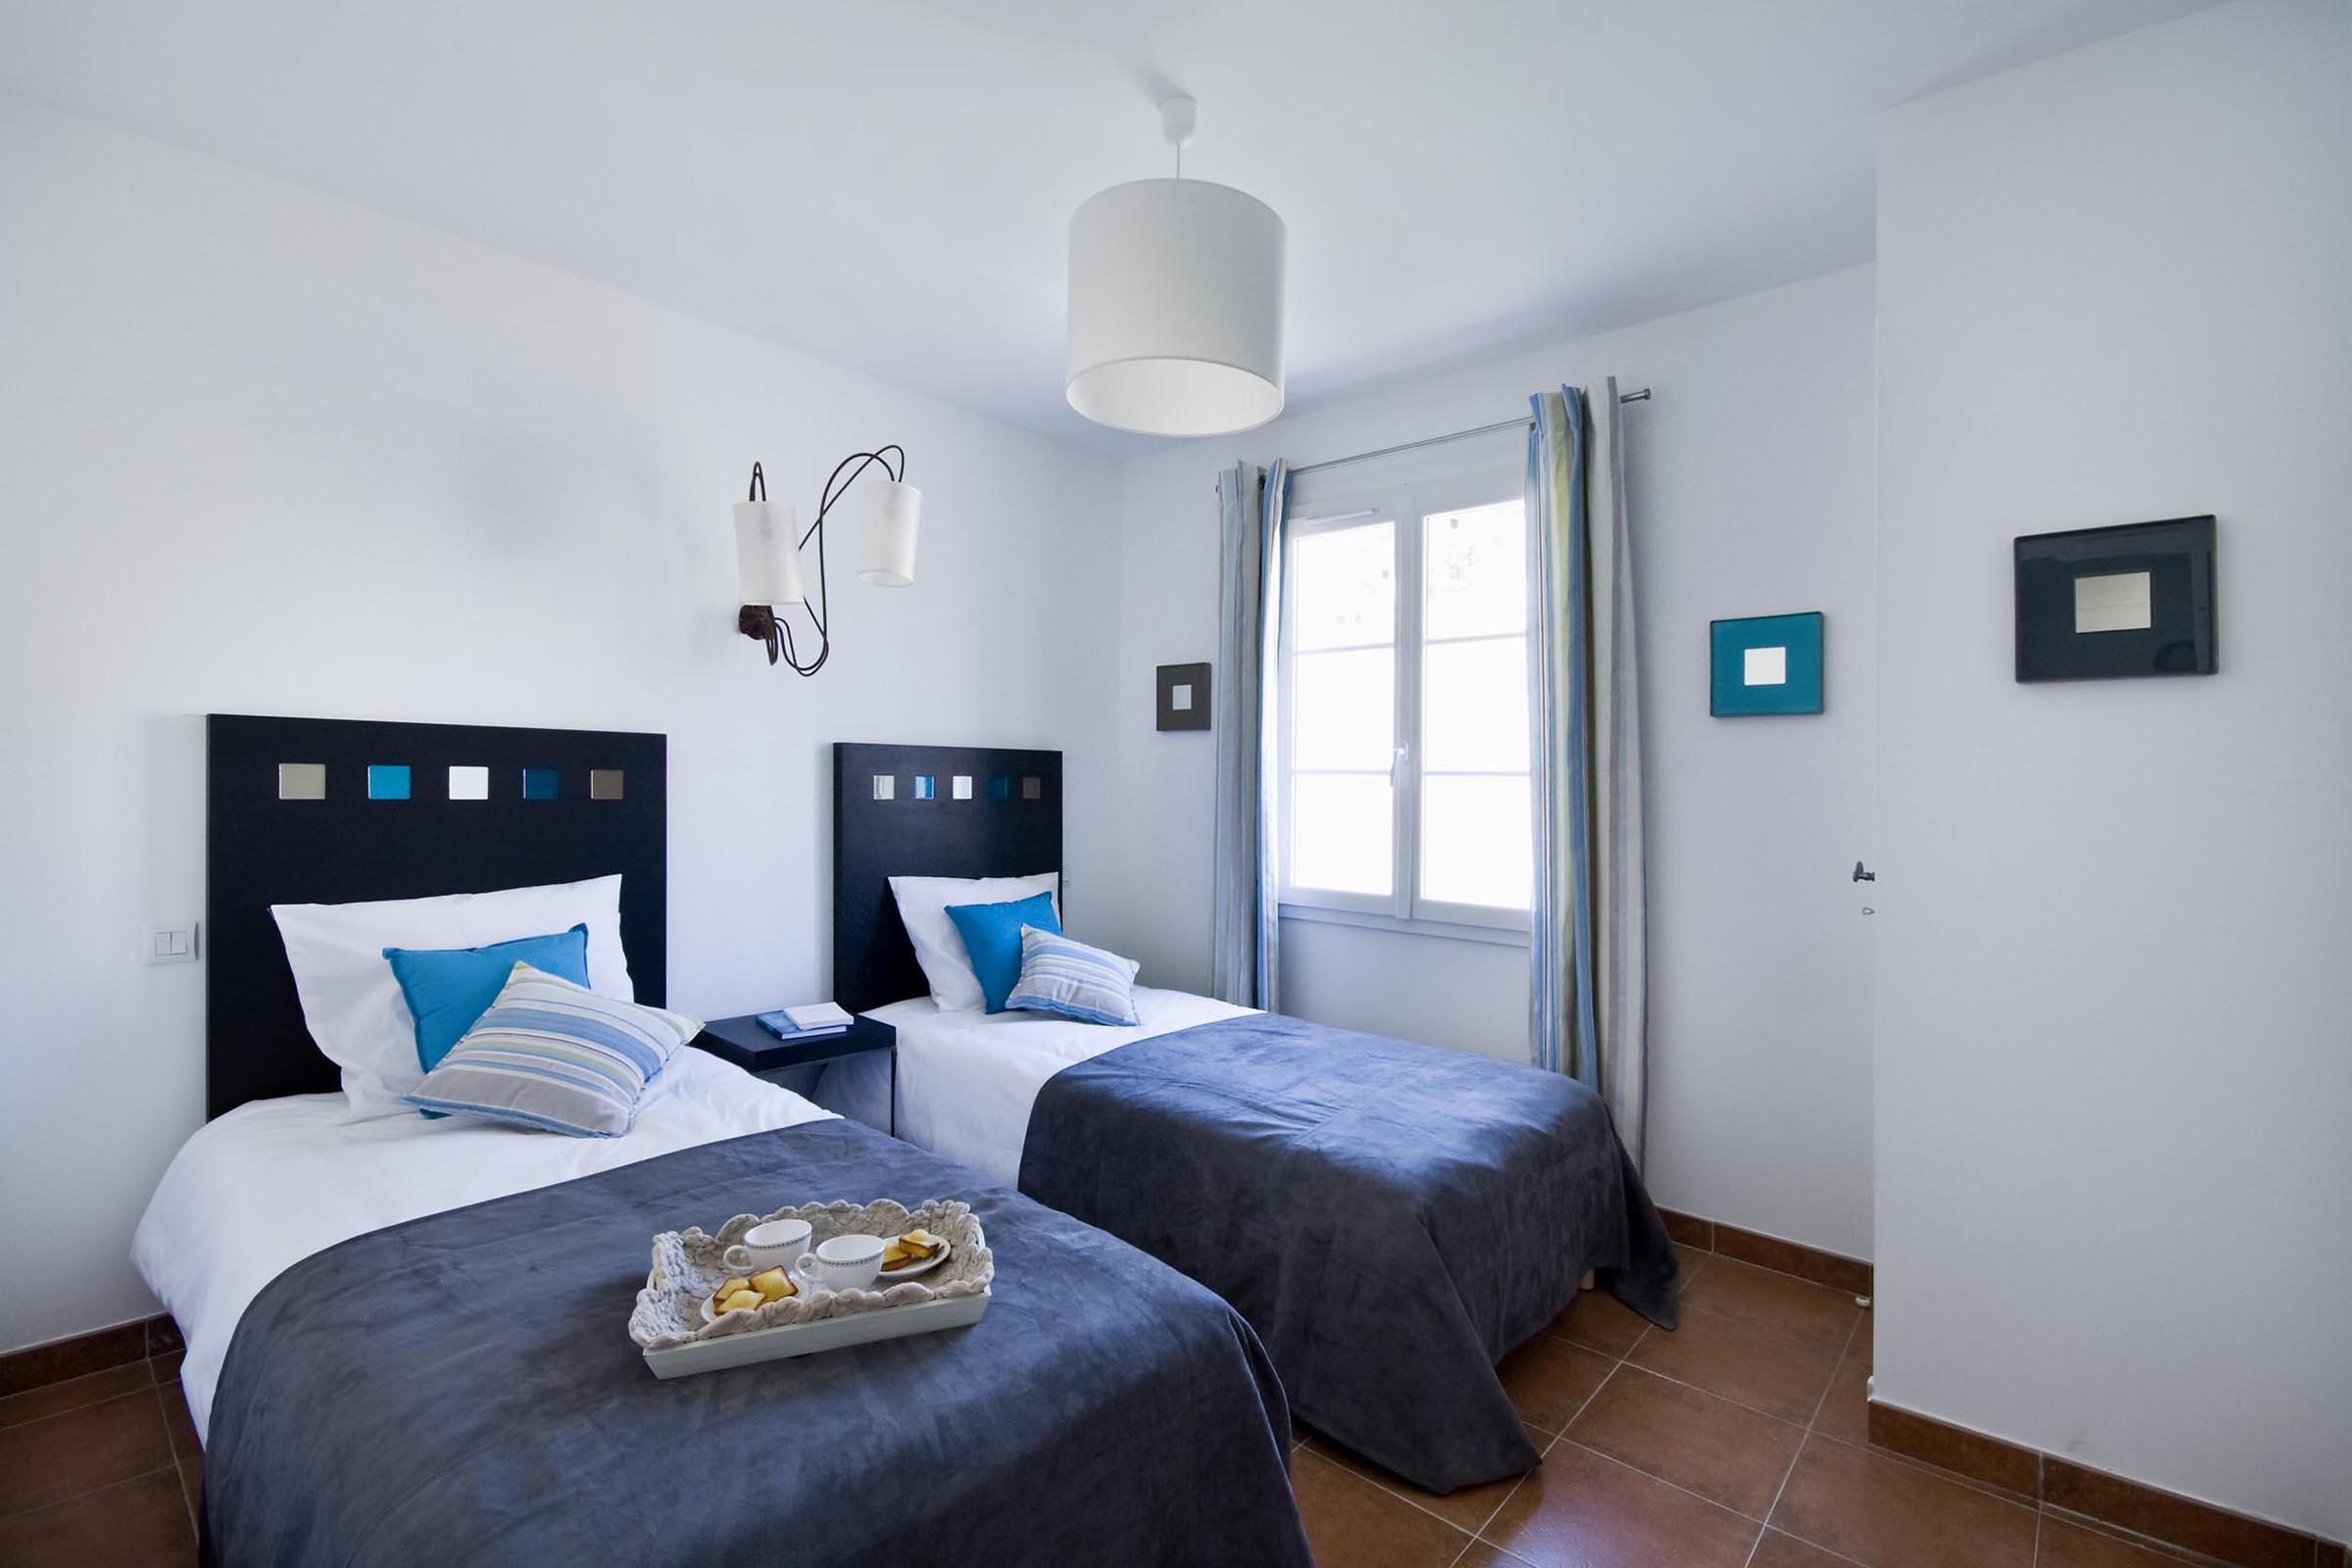 Décoration d'intérieur et aménagement villa de luxe prestige Domaine de l'Eilen Cavalaire sur Mer Var 83 Provence Alpes Cote d'Azur